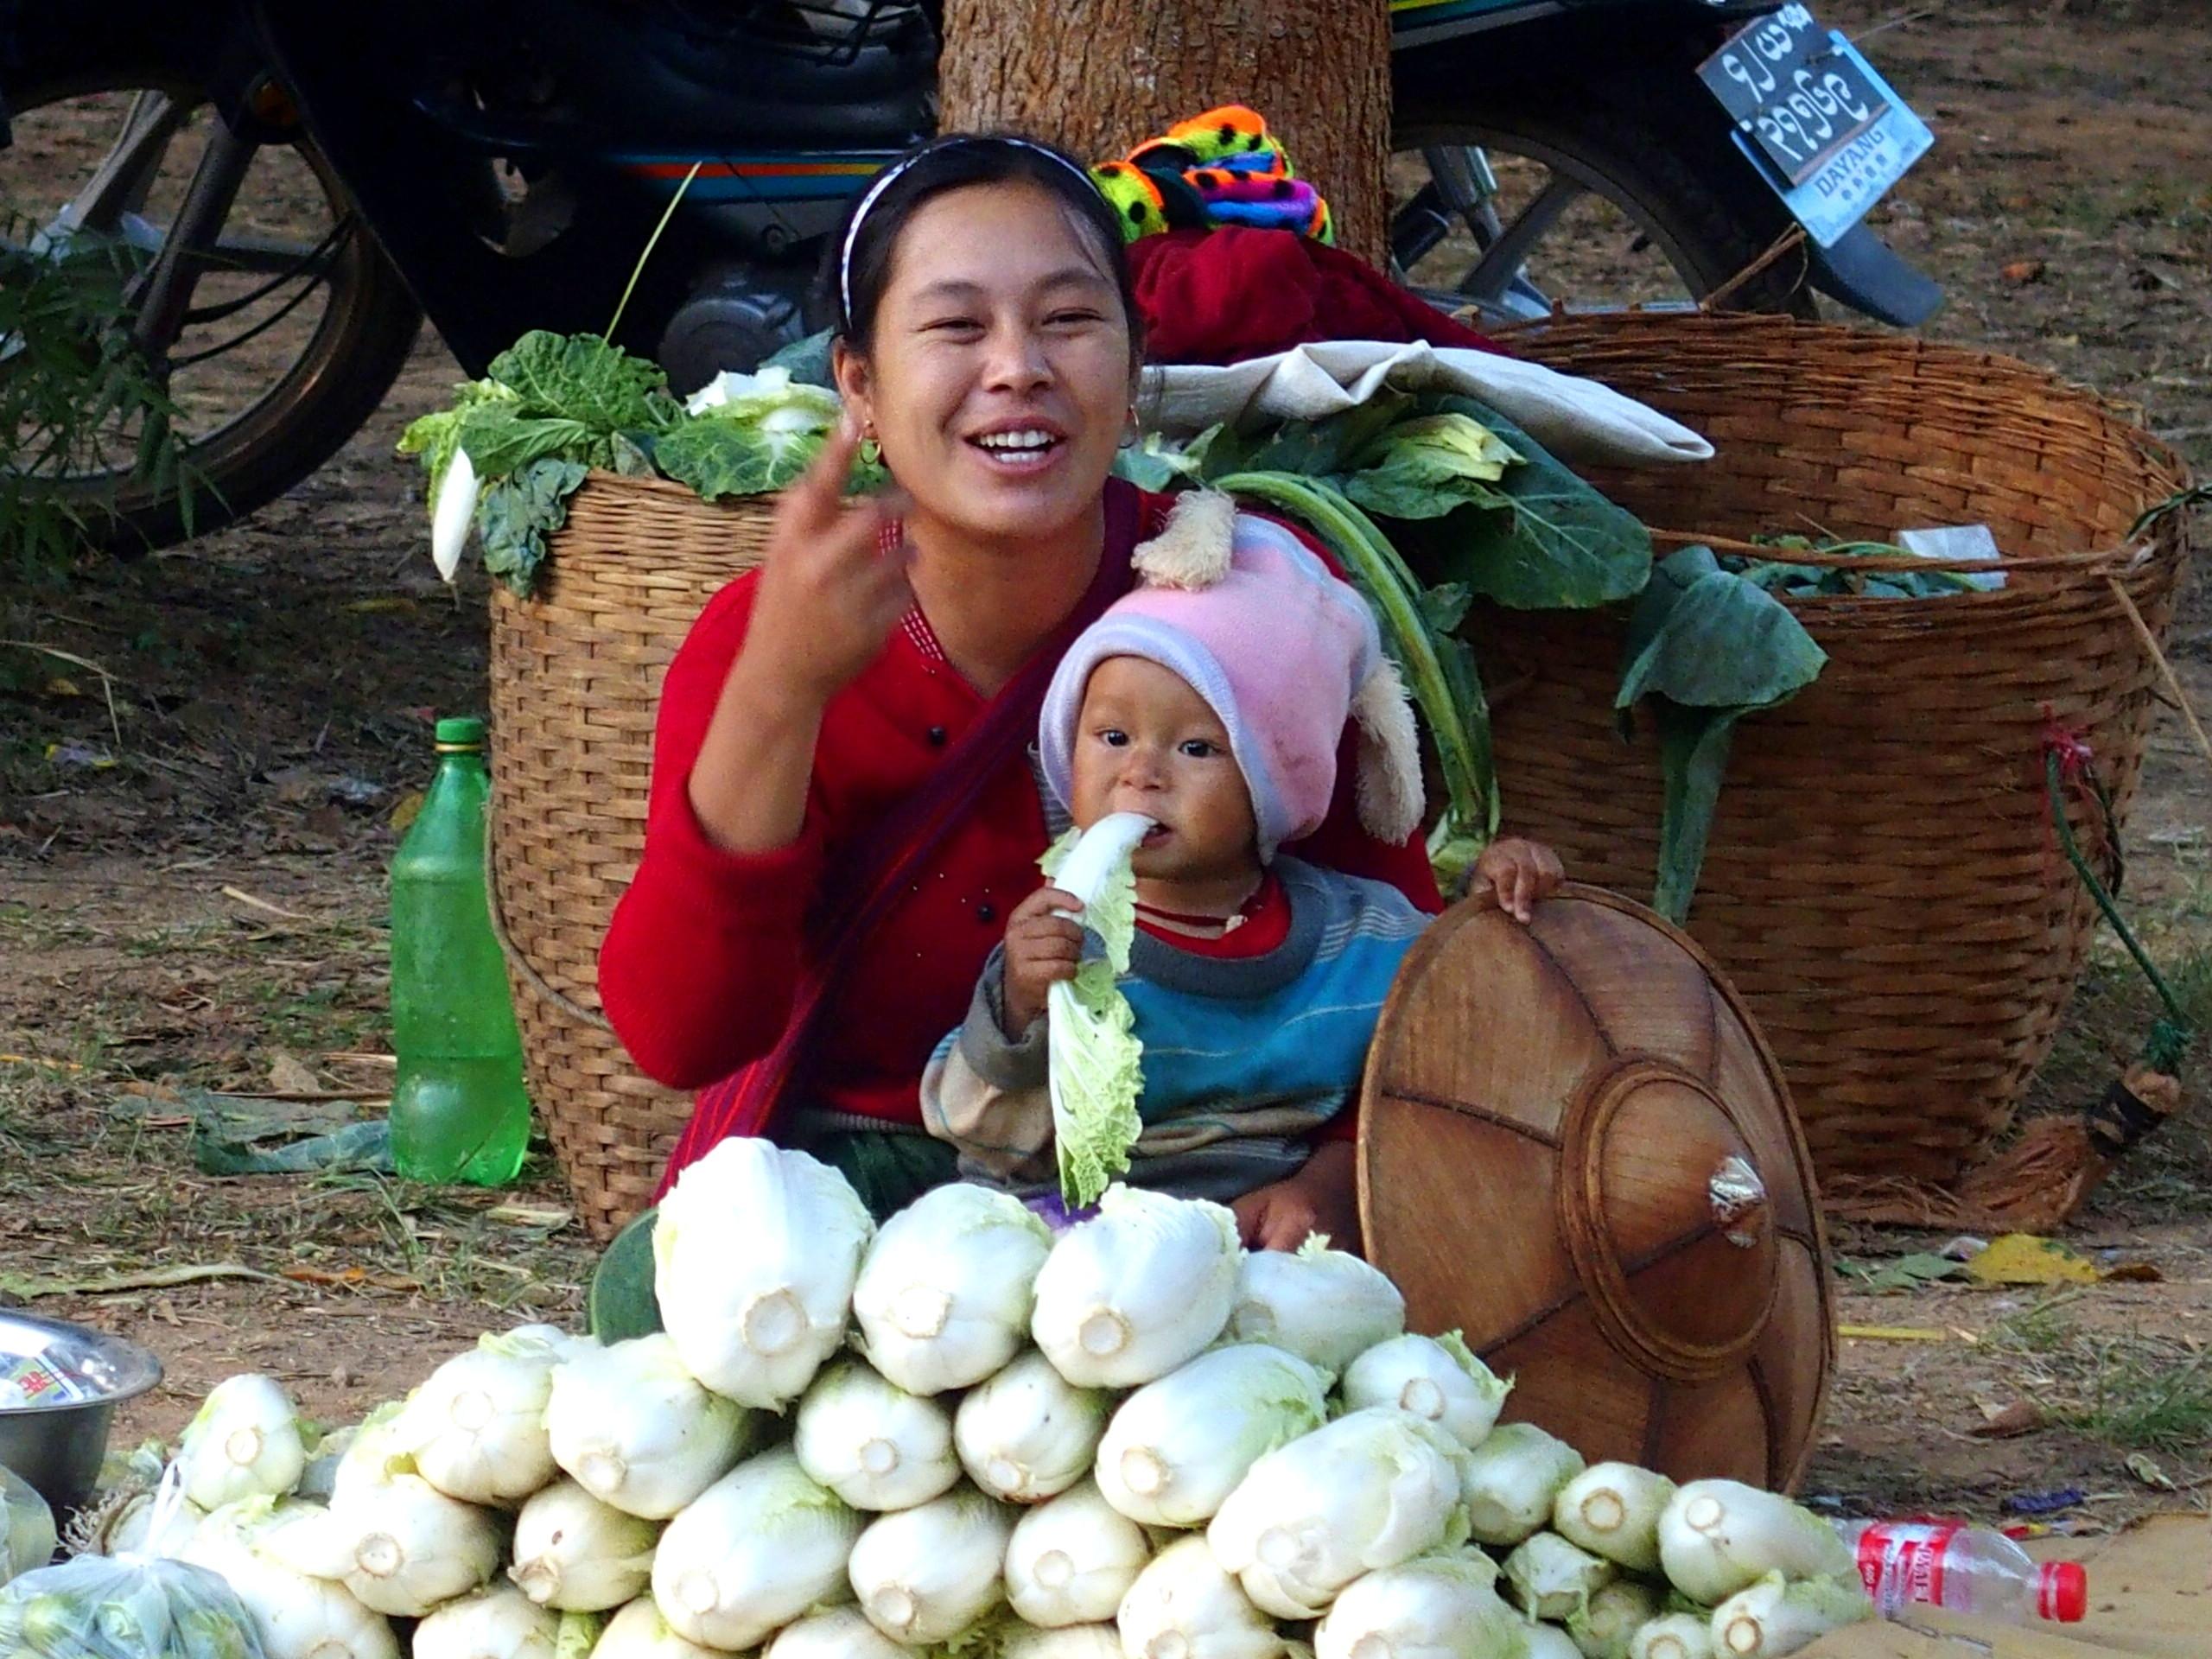 Vendeuse et enfant mangeur de choux marché Bago Myanmar